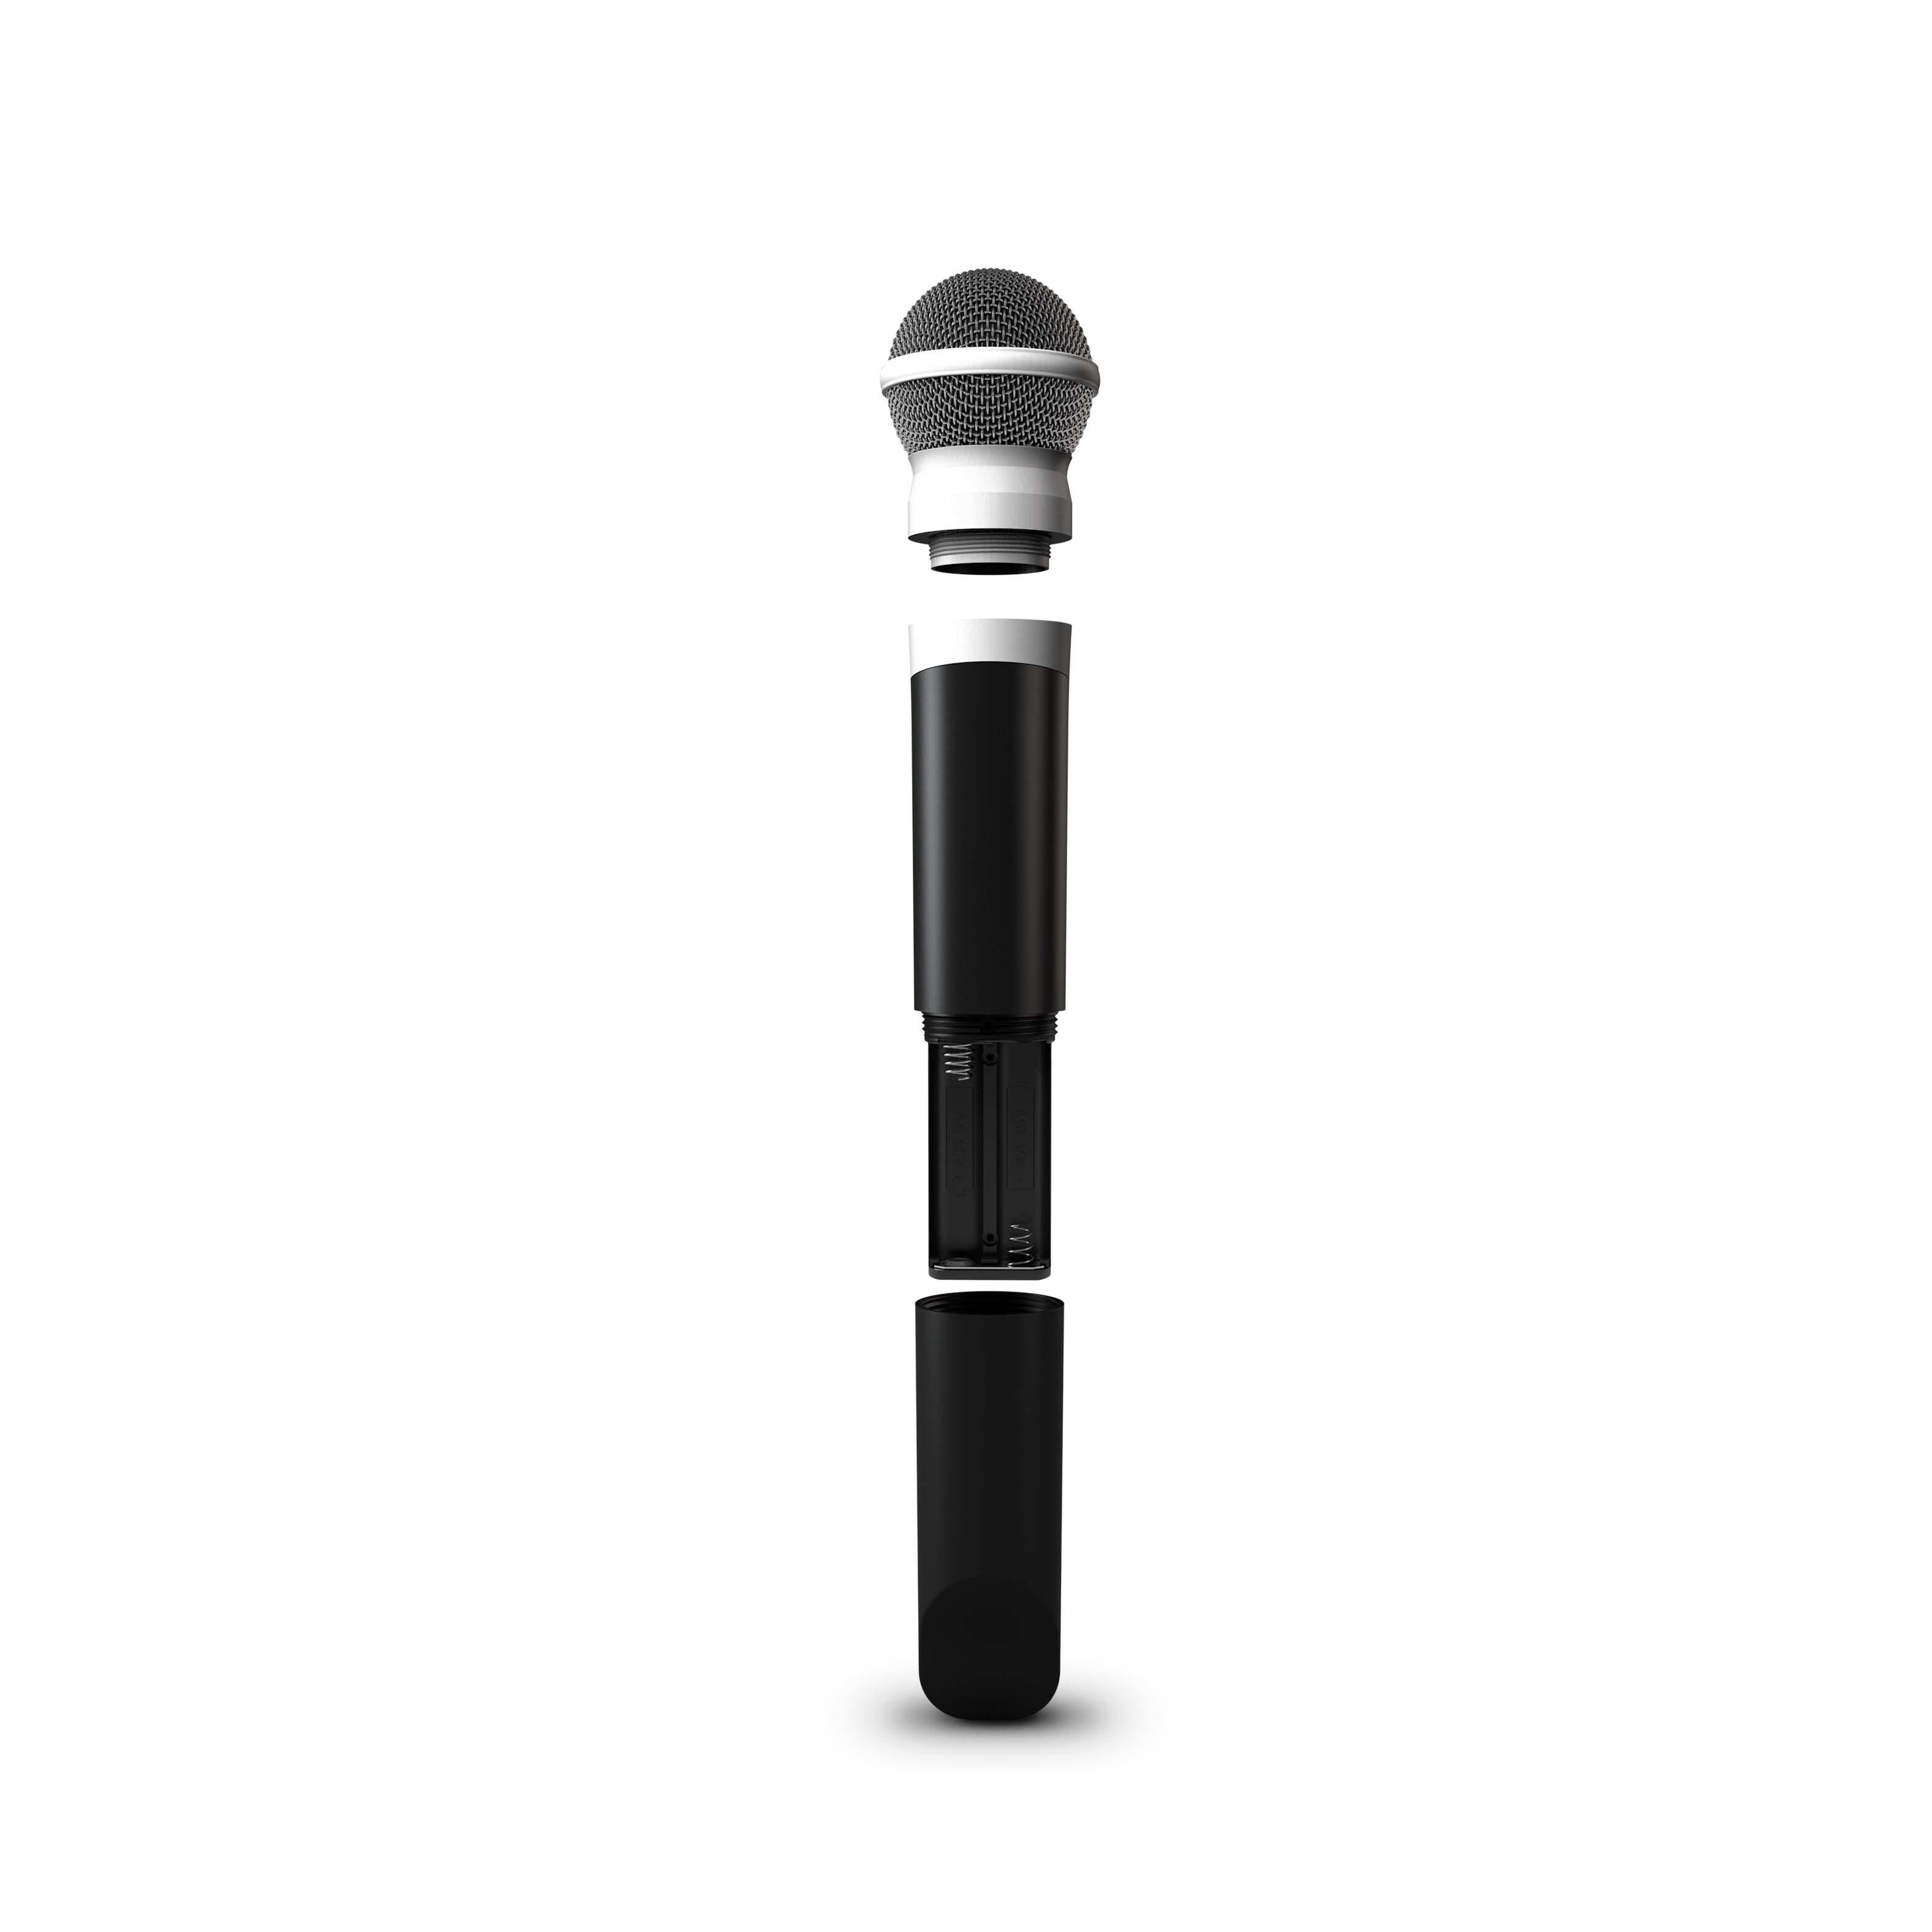 U308 MD Dynamic handheld microphone